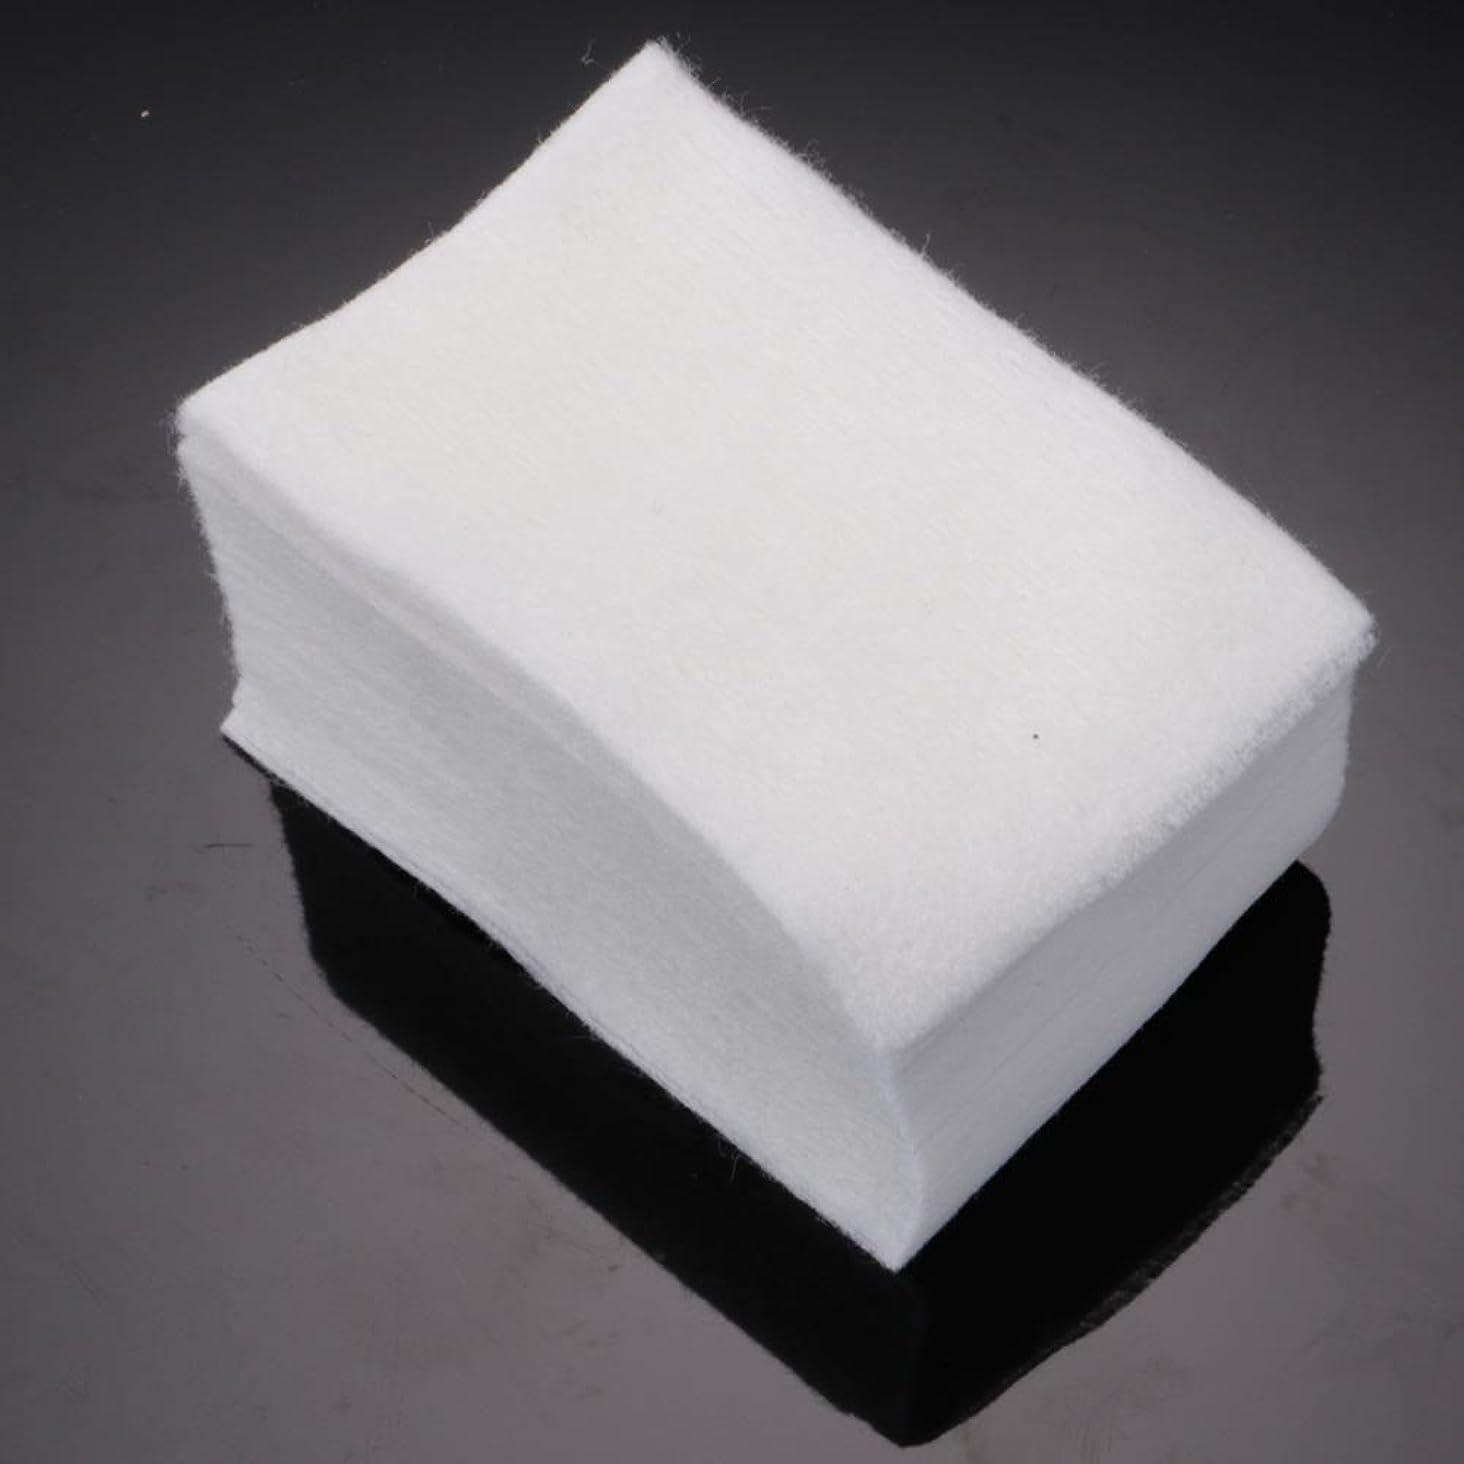 腐食する誰再編成する900pcs マニキュア 落とし 柔らかい 毛羽立ちの白 使い捨て可能 メイク落とし 除去剤